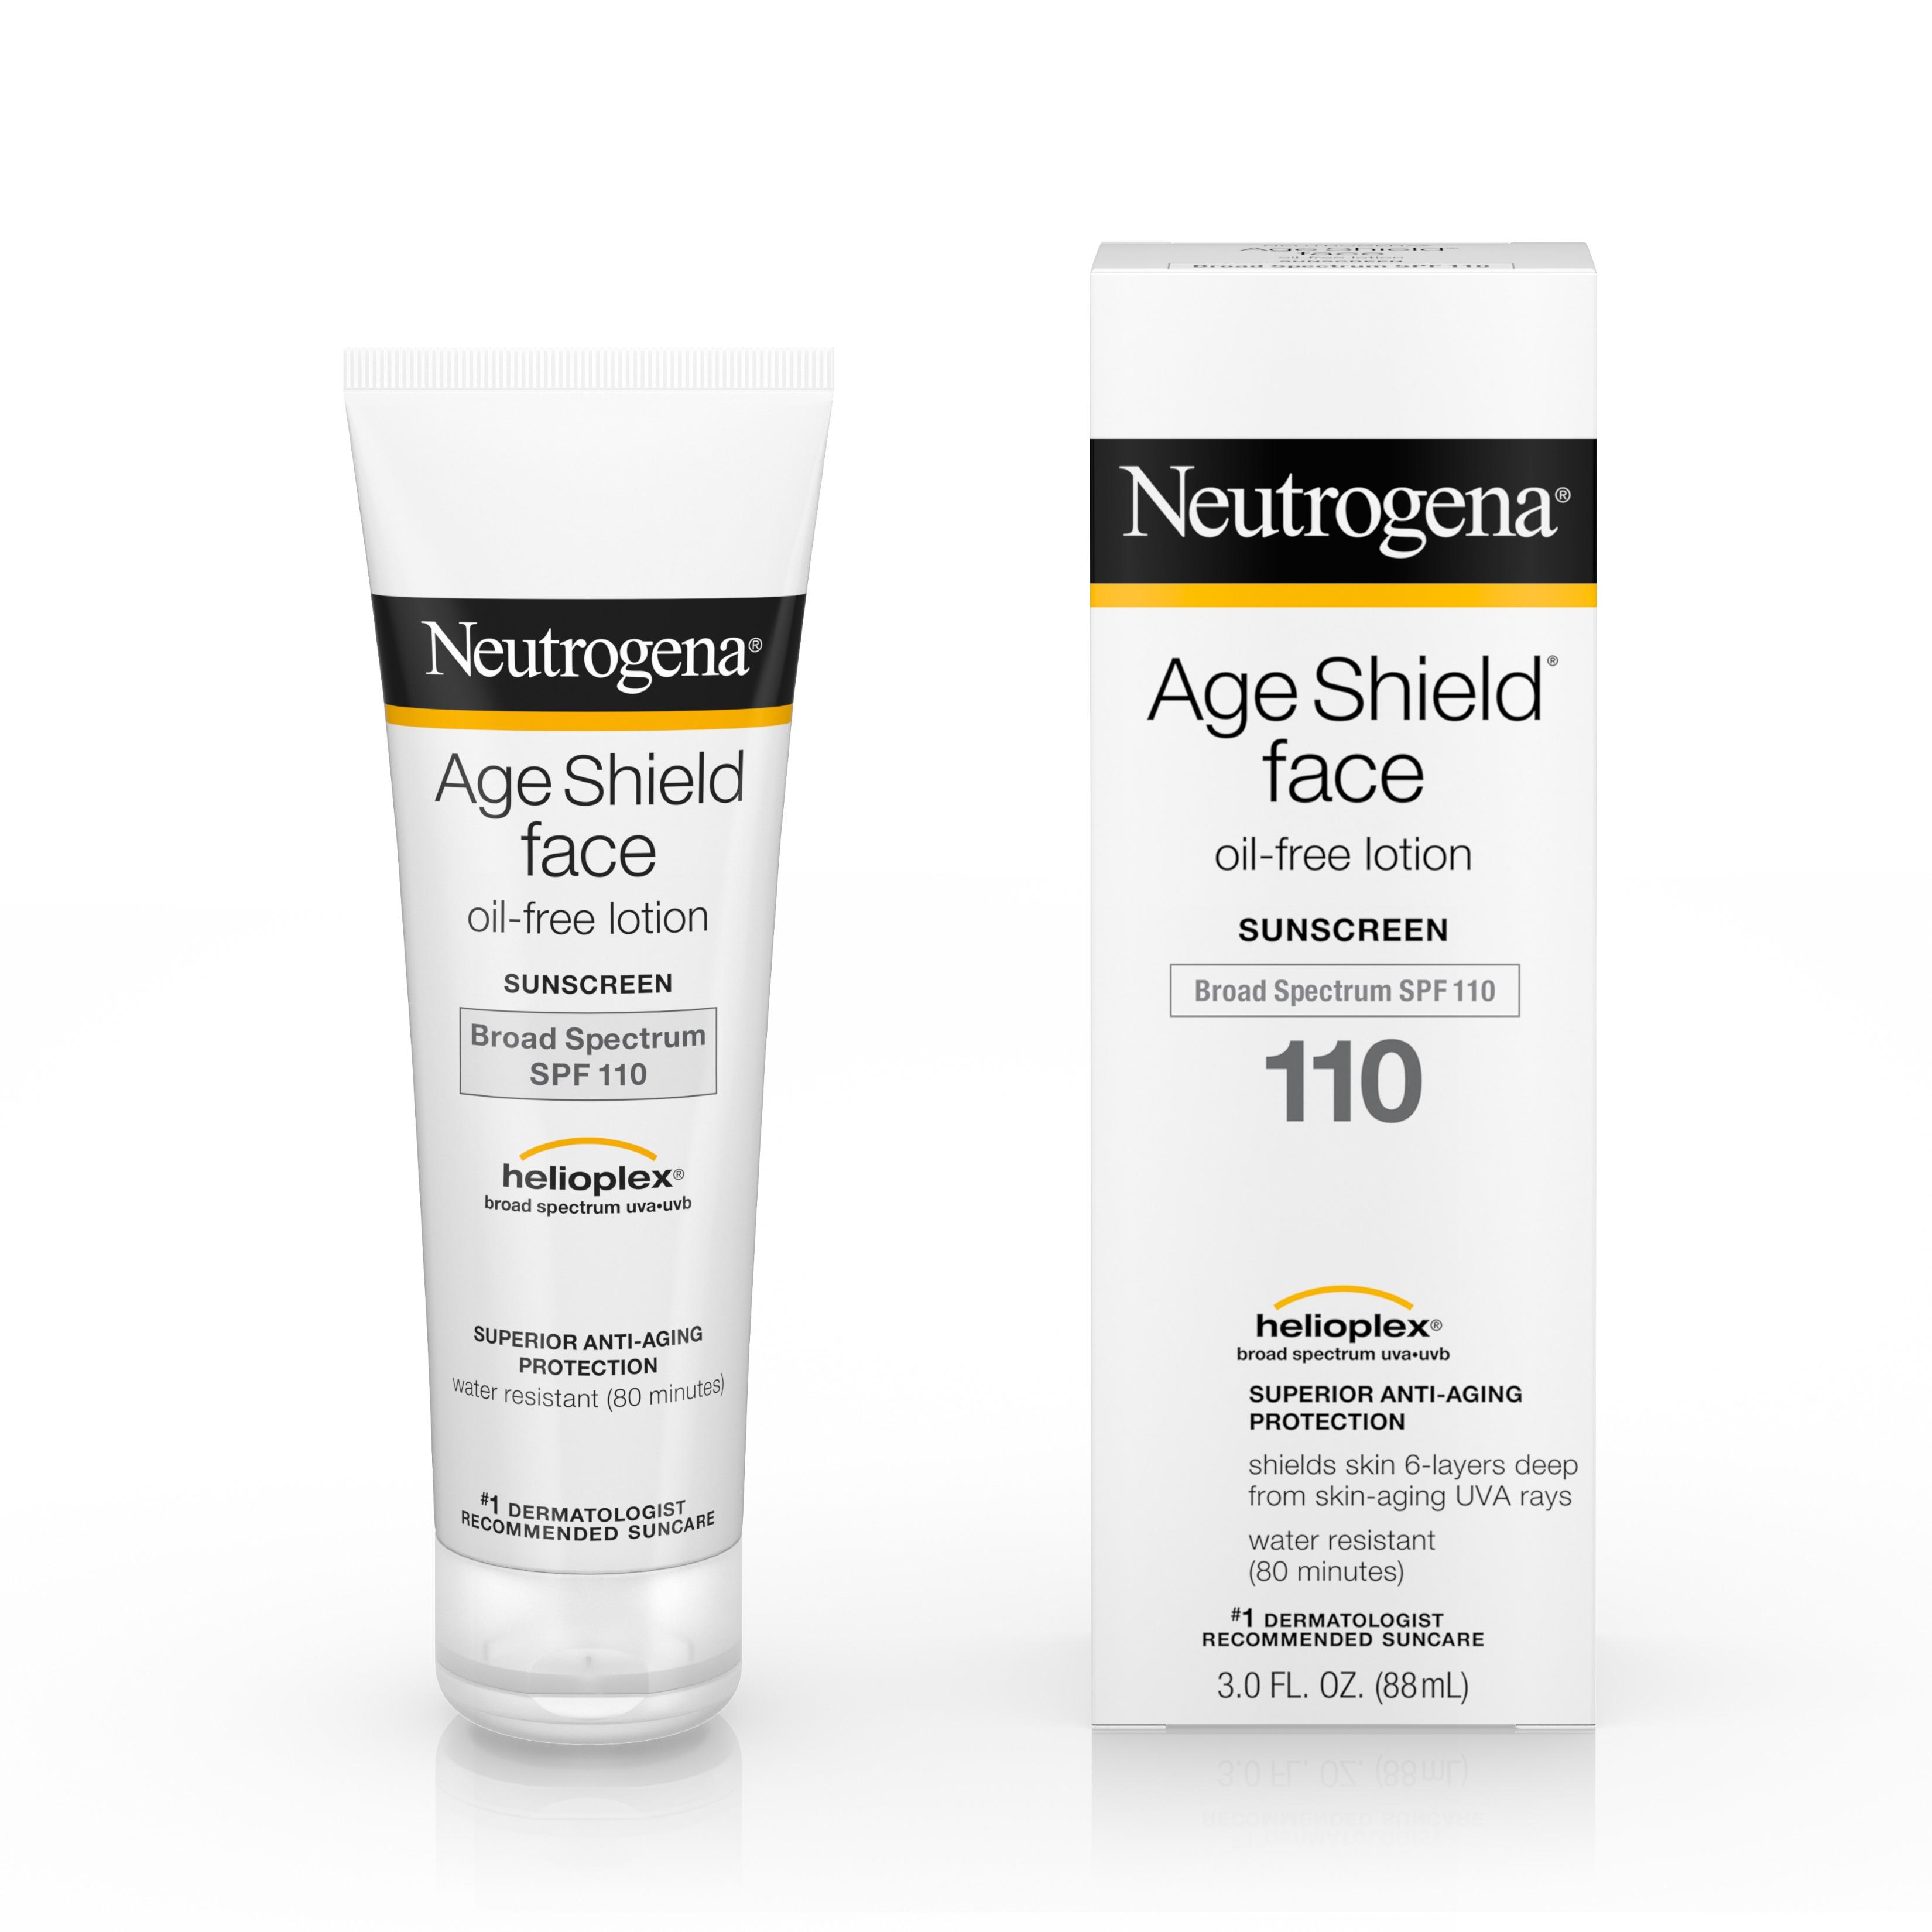 Neutrogena Age Shield Face, Sunscreen Lotion, SPF 110 - Un protector solar de amplio espectro y fórmula ligera para proteger el cutis sin obstruir los poros. (Suministrada)